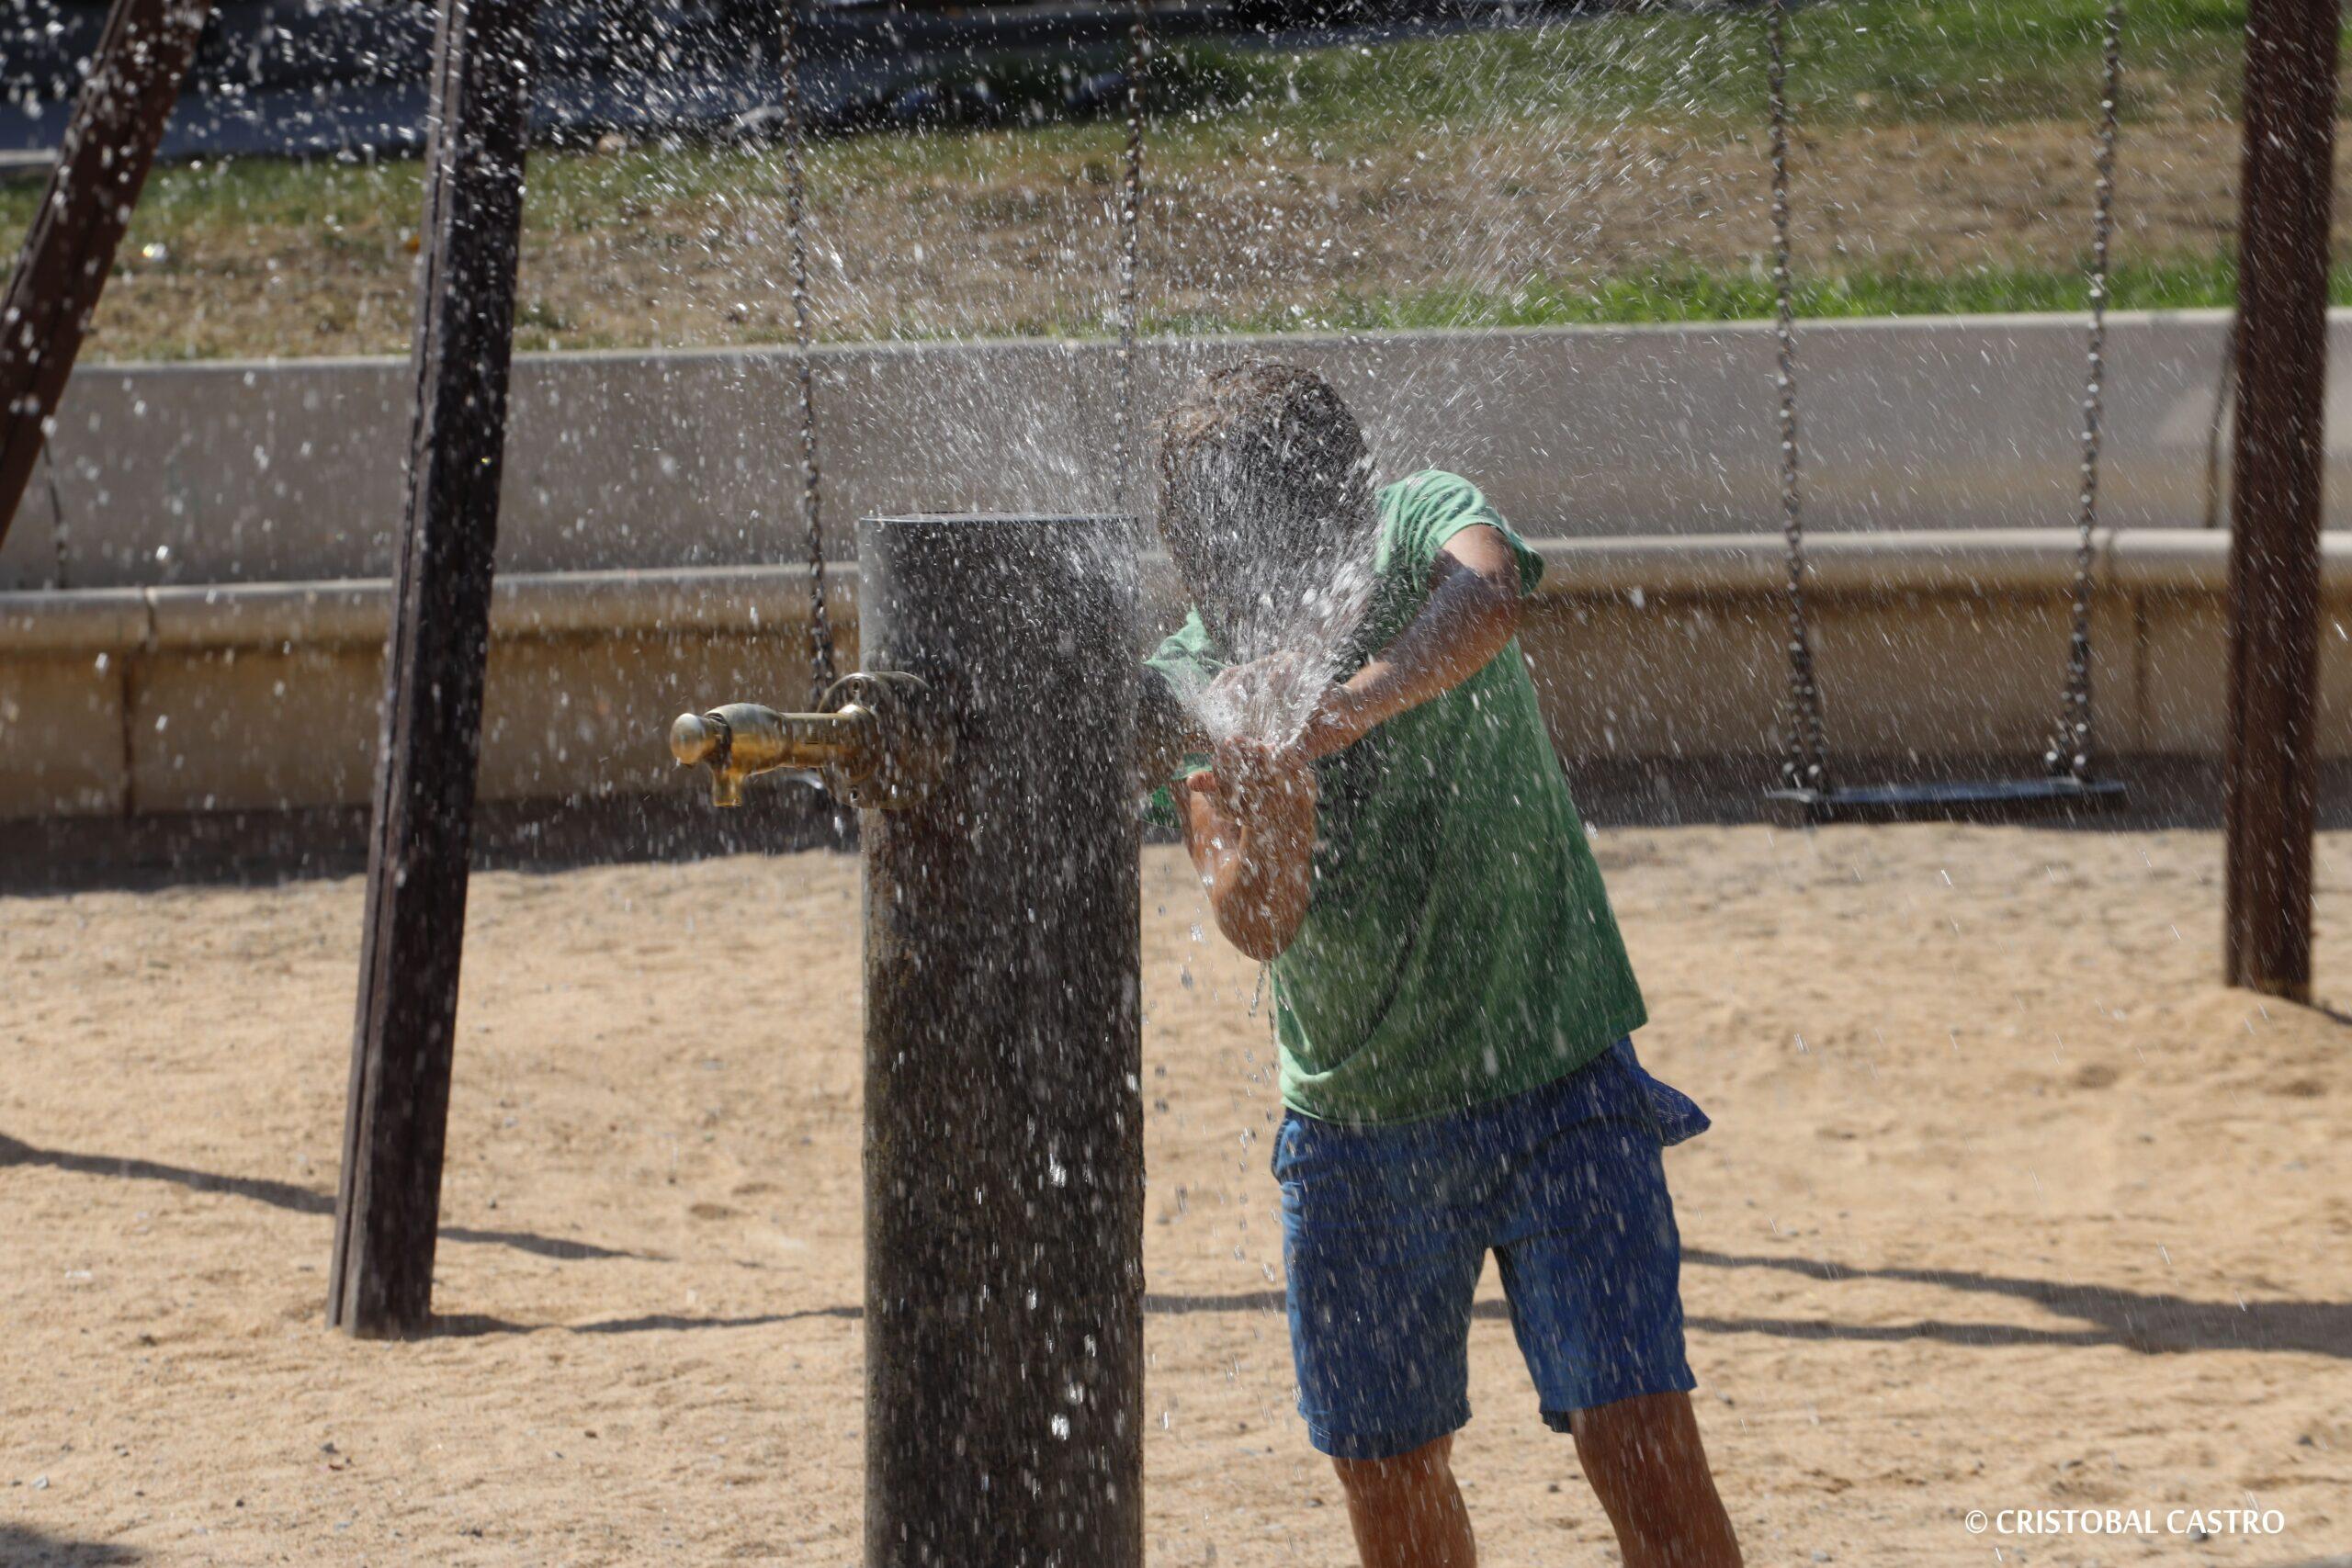 Un dia de calor extrema a Terrassa vist des de la càmera de Cristóbal Castro/Cristóbal Castro